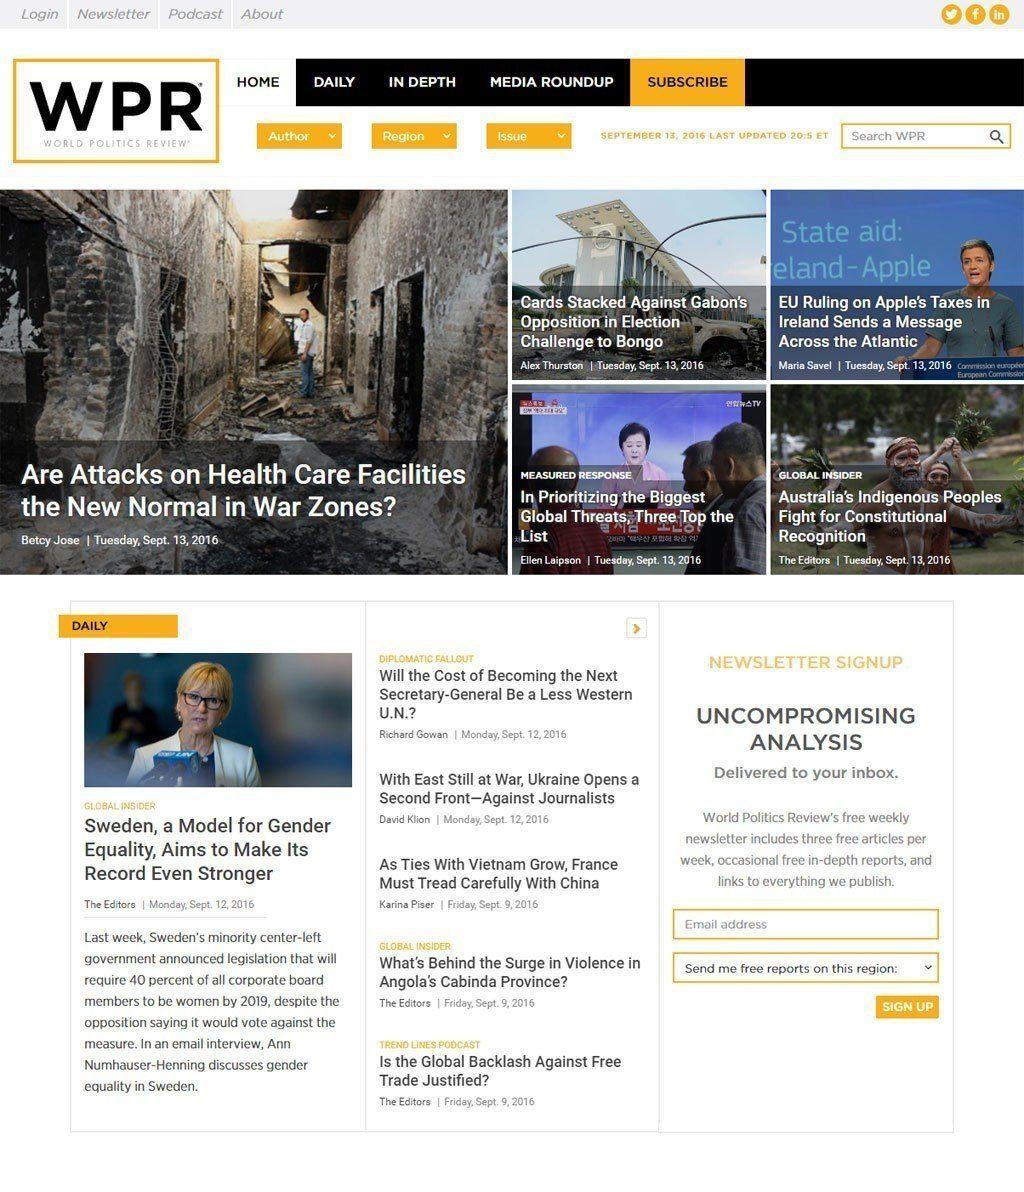 world_politics_review_screenshot1